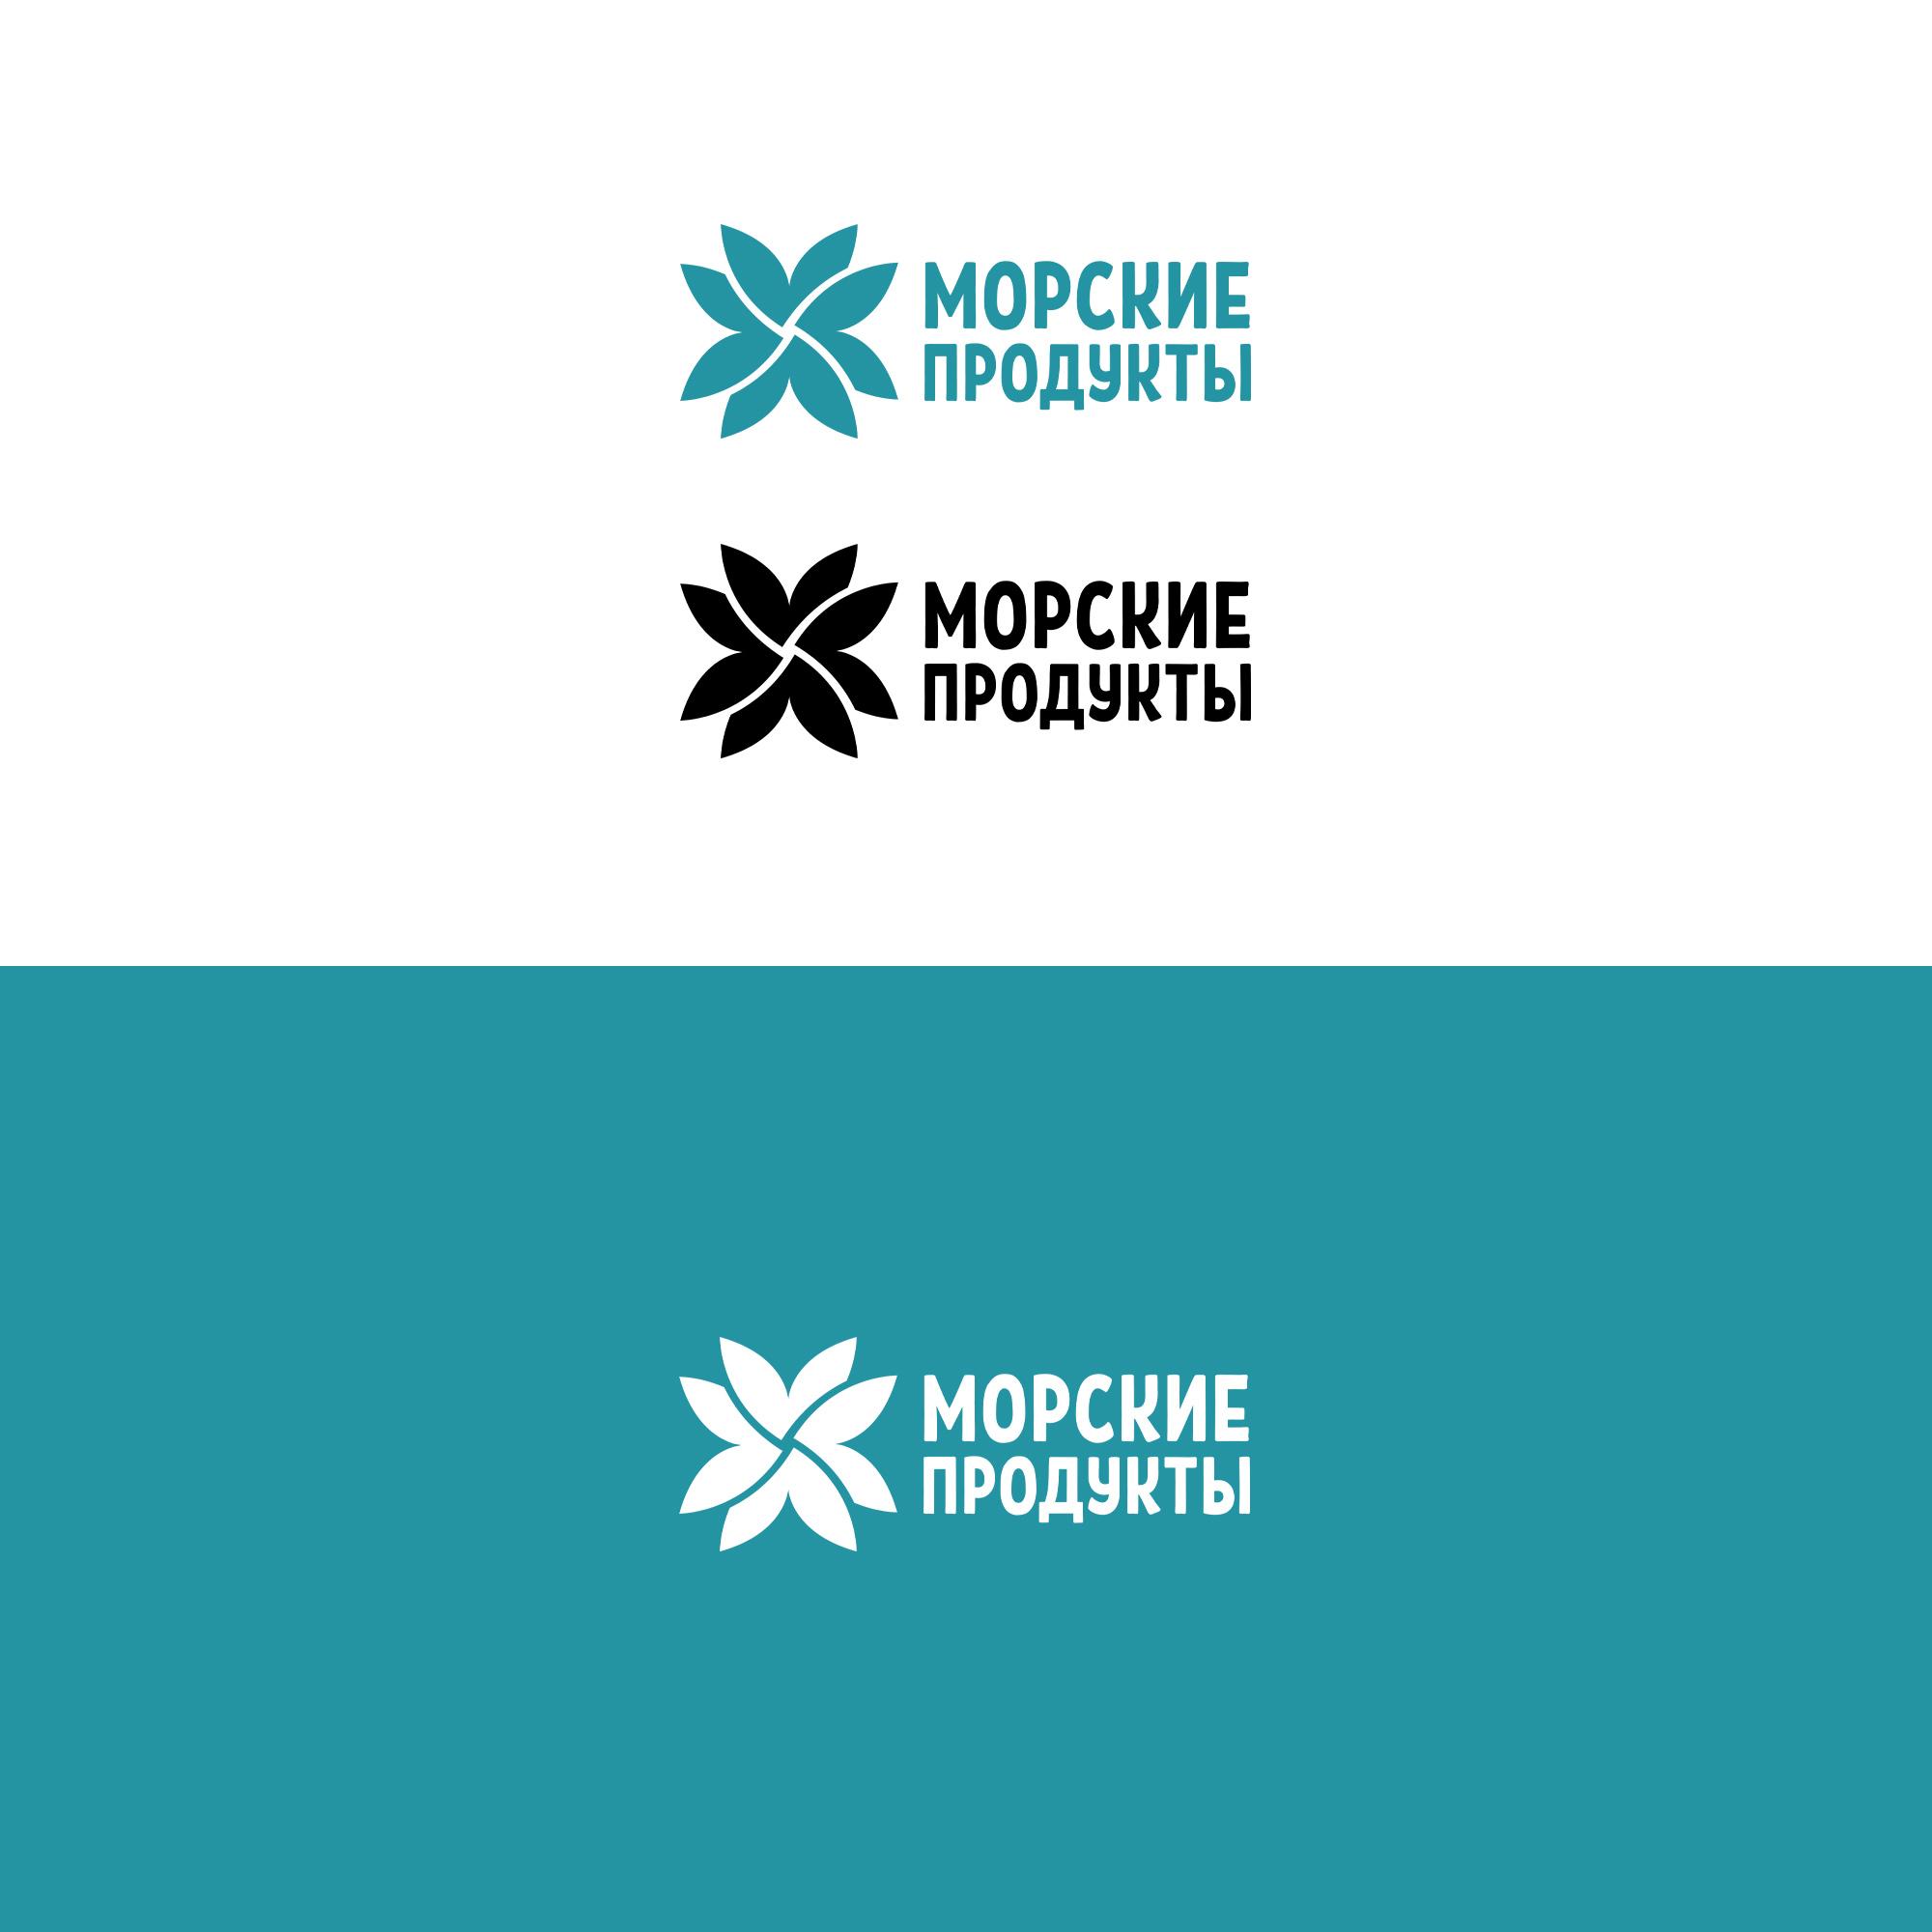 Разработать логотип.  фото f_7705ec6e2e9f12d4.jpg